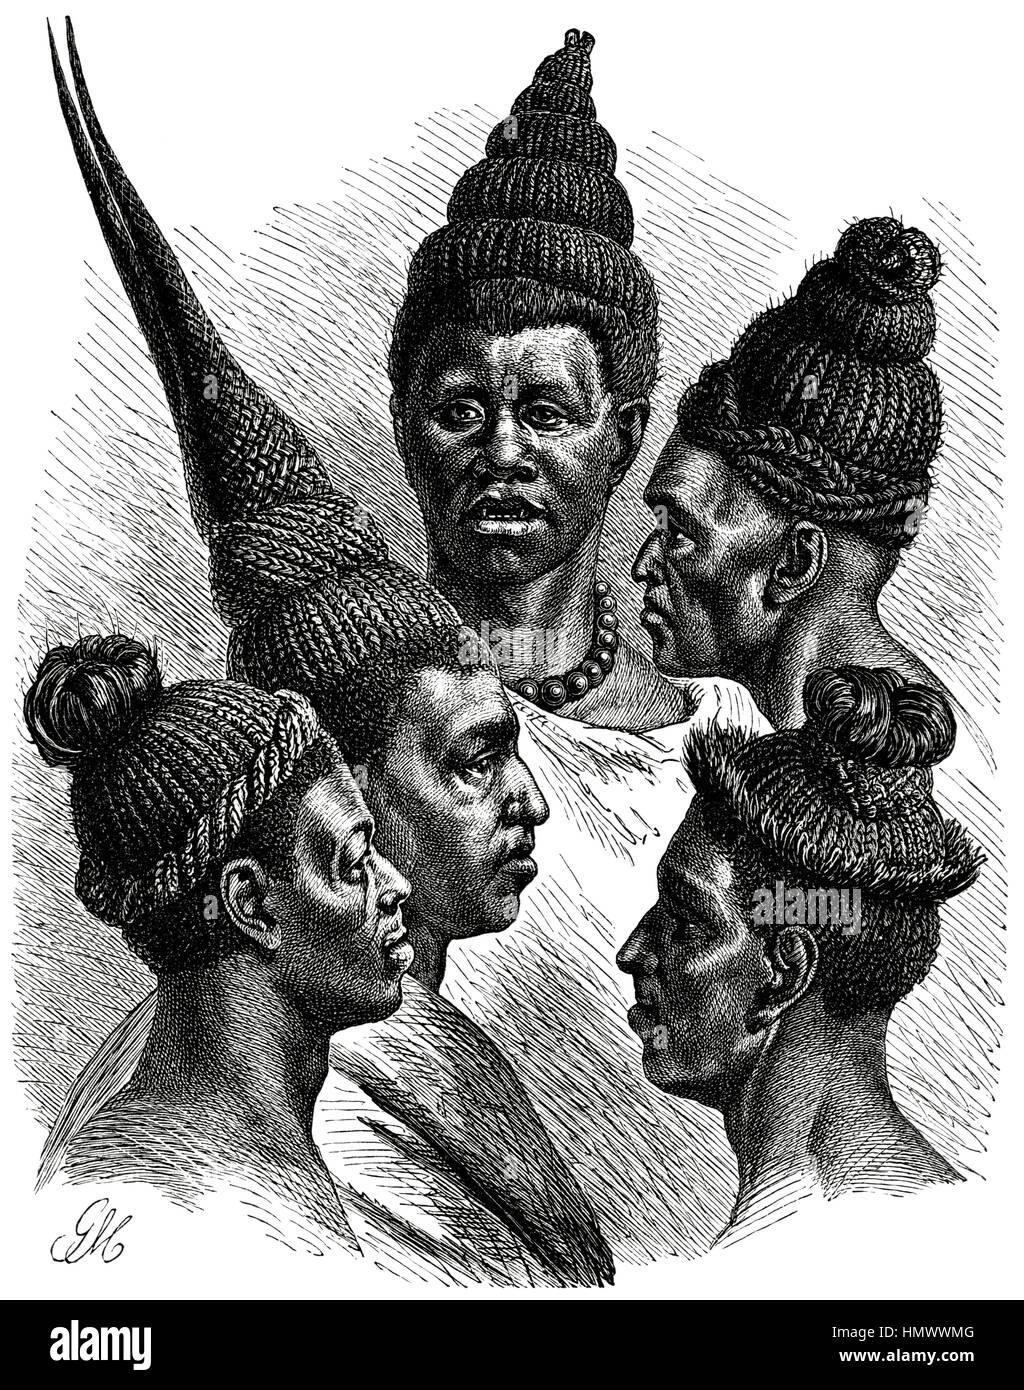 Secador de modas de la Maschukulumbe, África meridional, Ilustración, 1885 Imagen De Stock